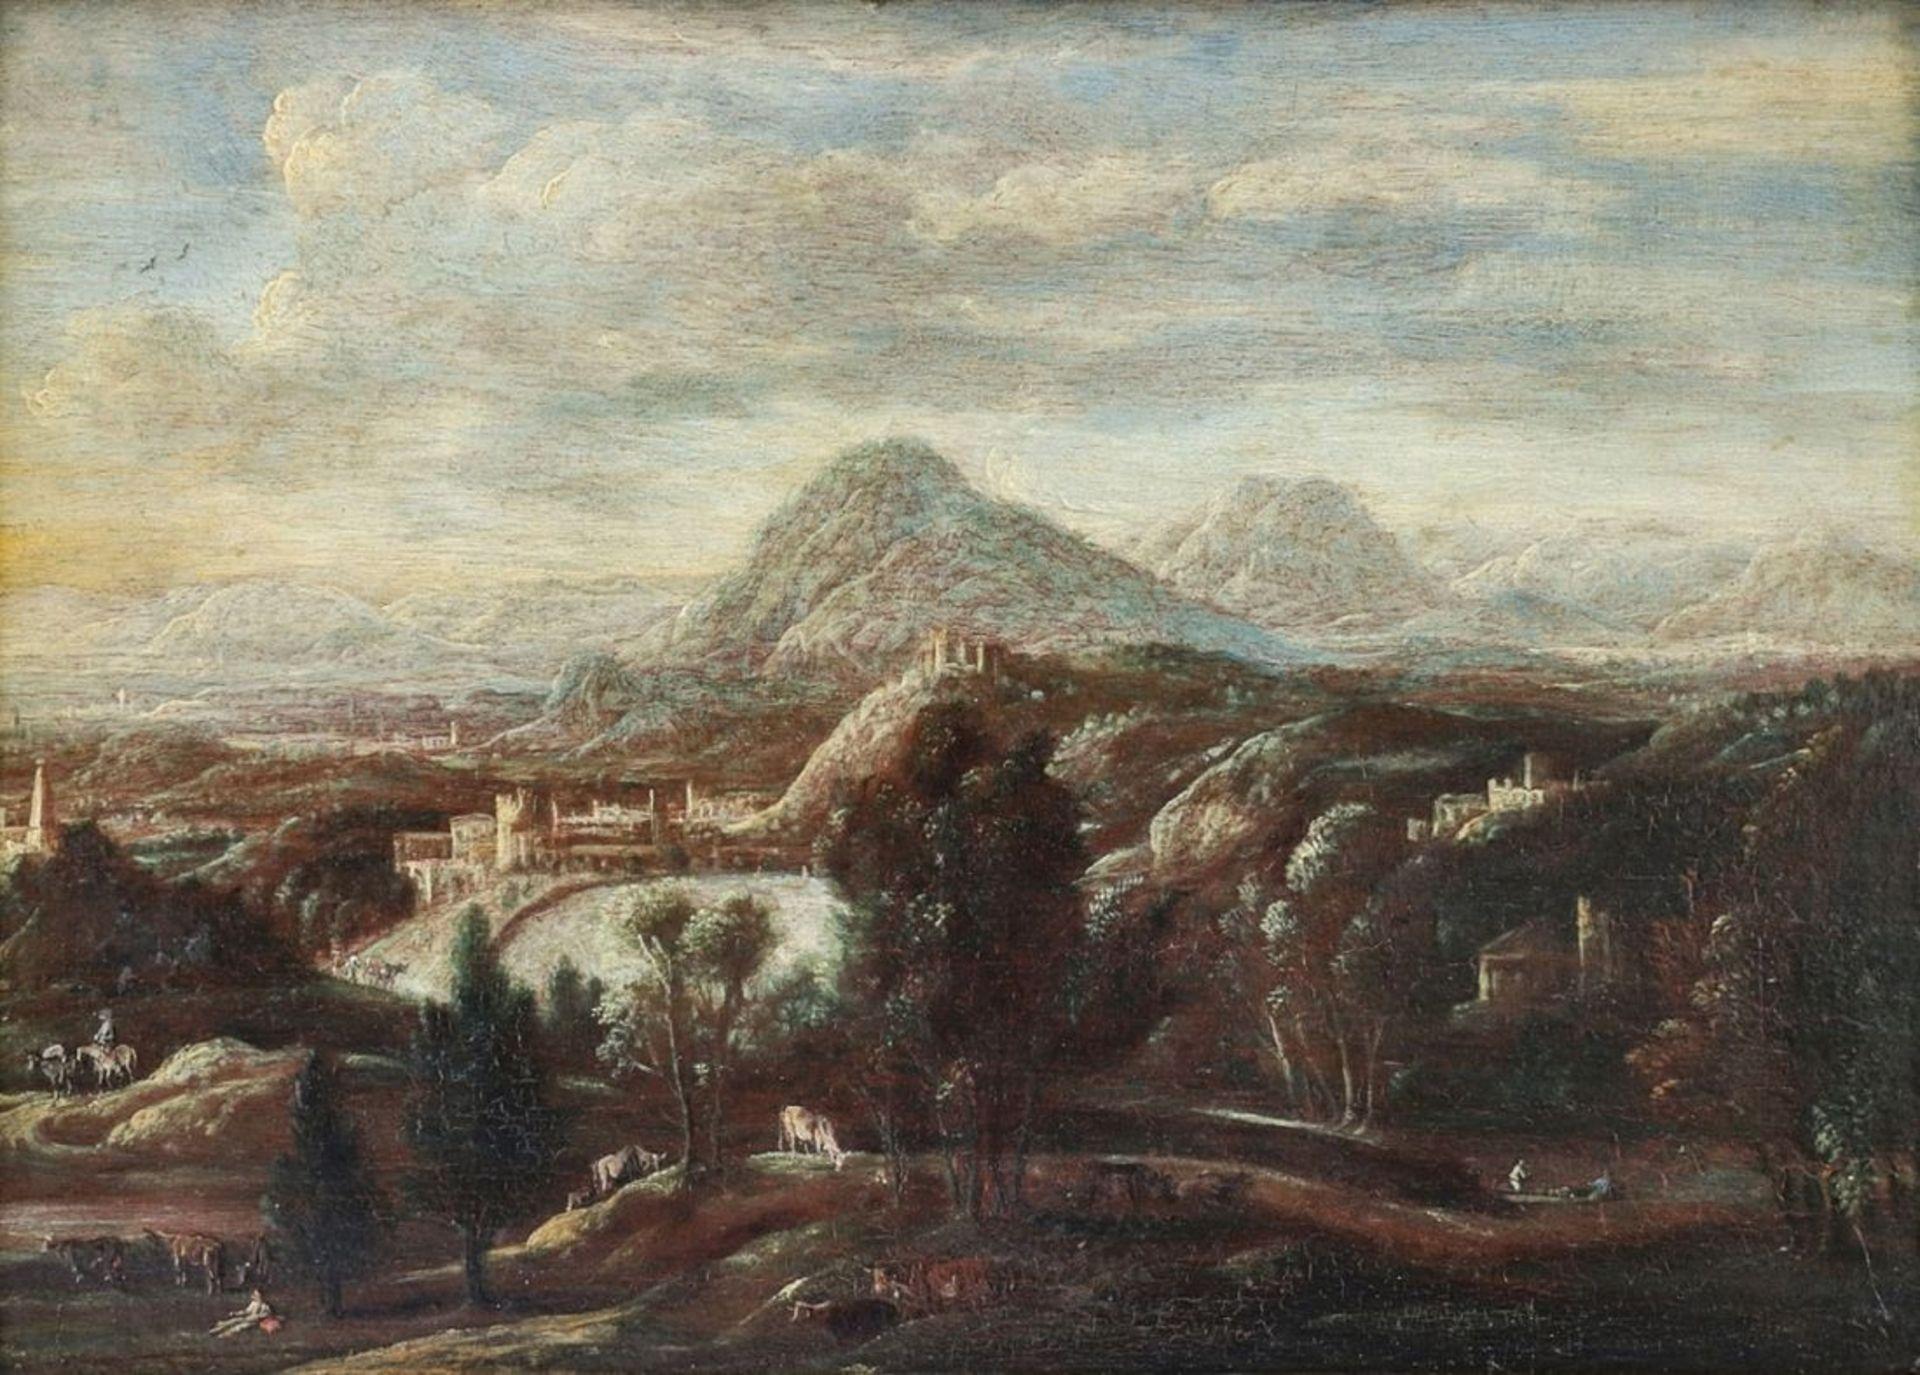 Flämischer Künstler des 18. Jahrhunderts - Bild 2 aus 5